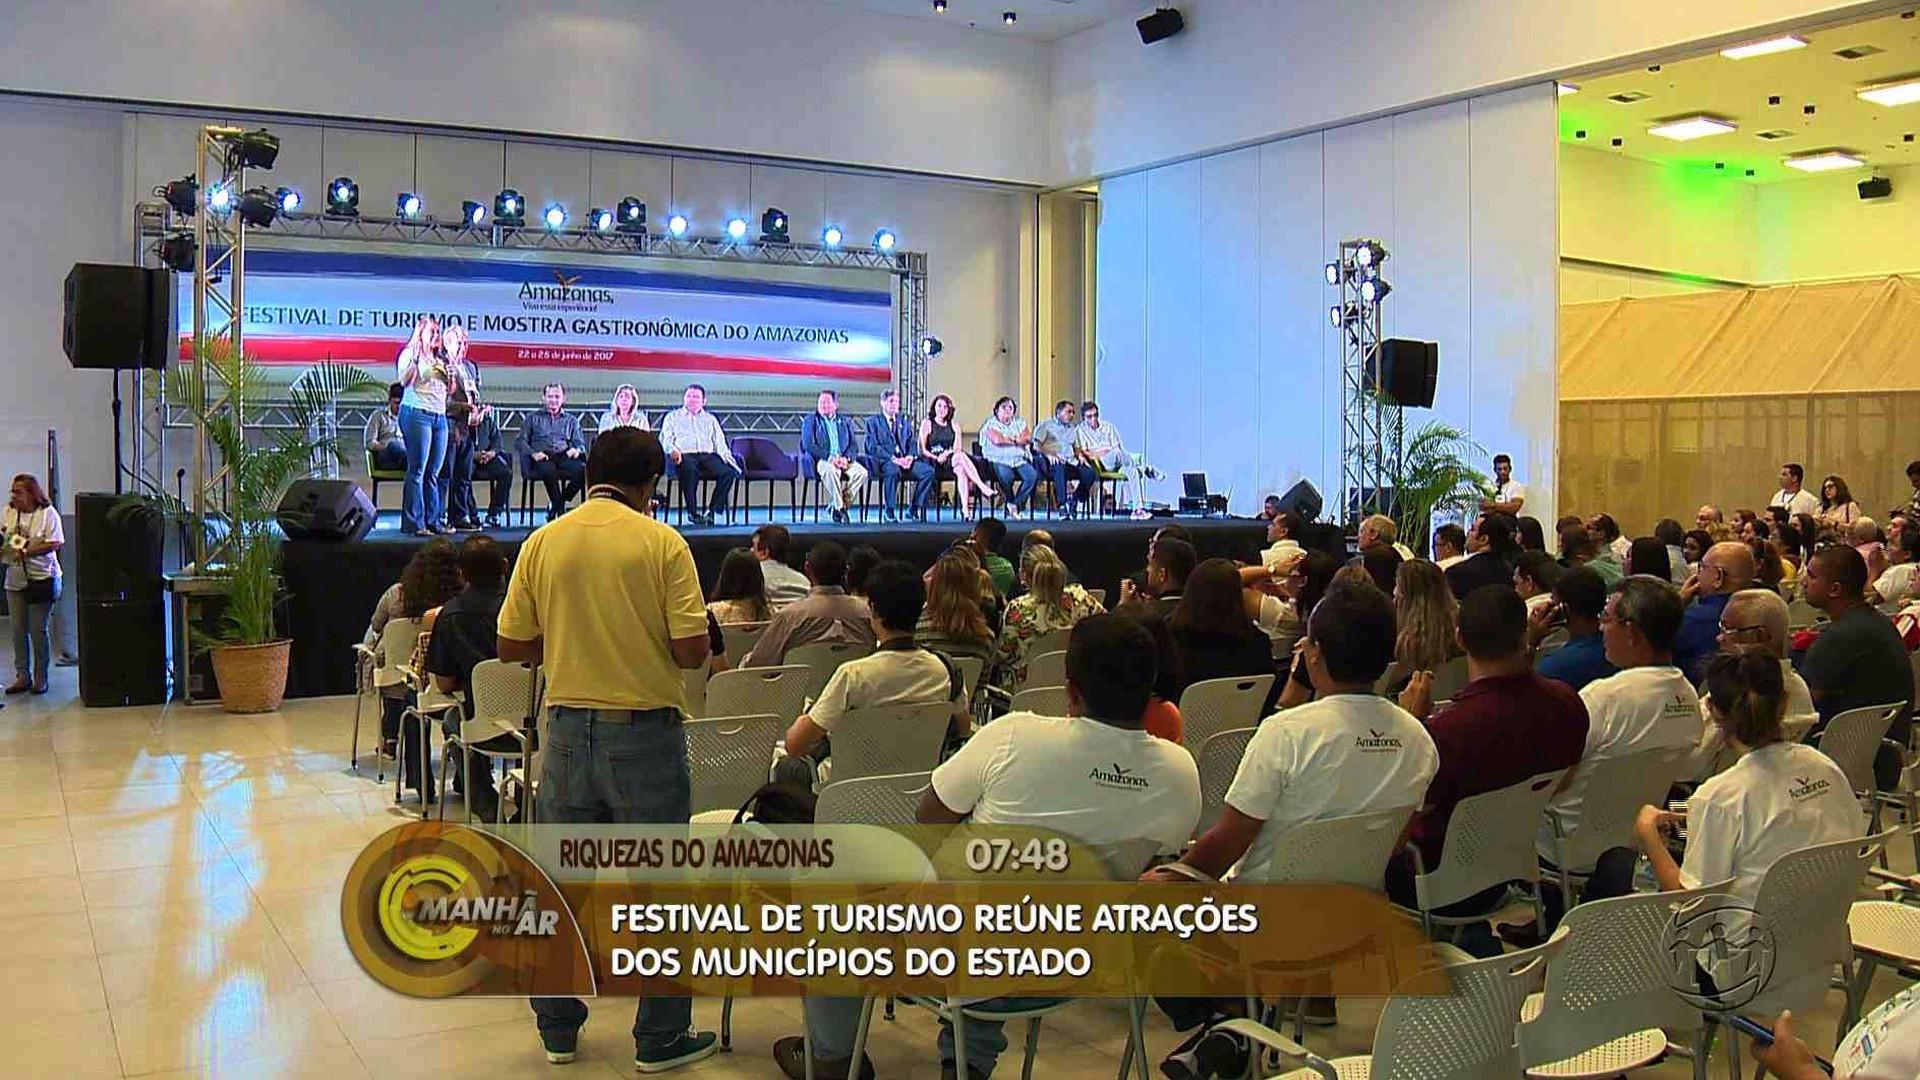 MANAUS RECEBE FESTIVAL DE TURISMO E MOSTRA GASTRONÔMICA DO AMAZONAS - Manhã no Ar 23/06/17